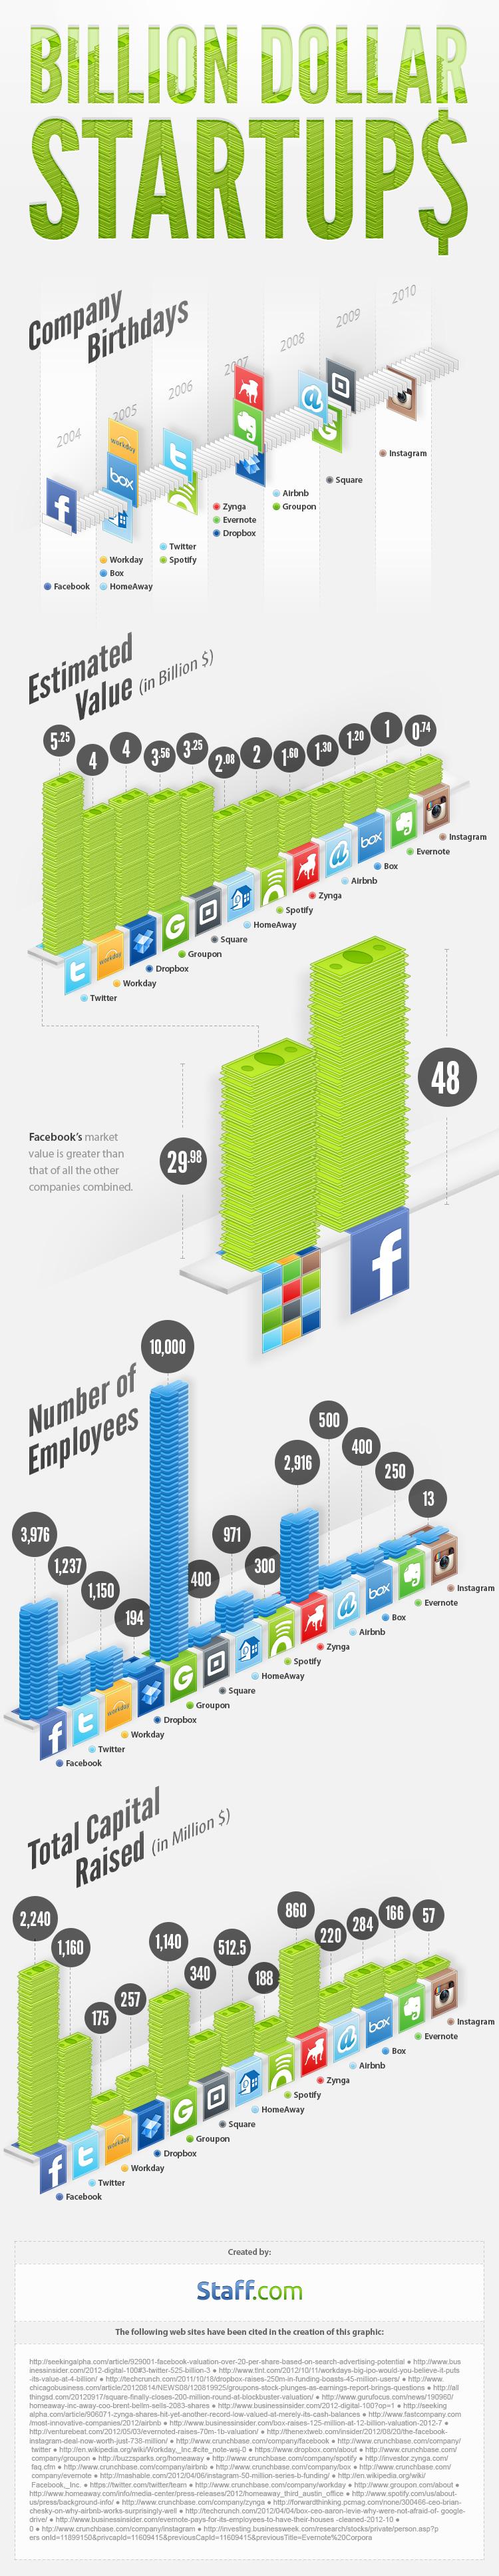 golden e-startups-Infographic